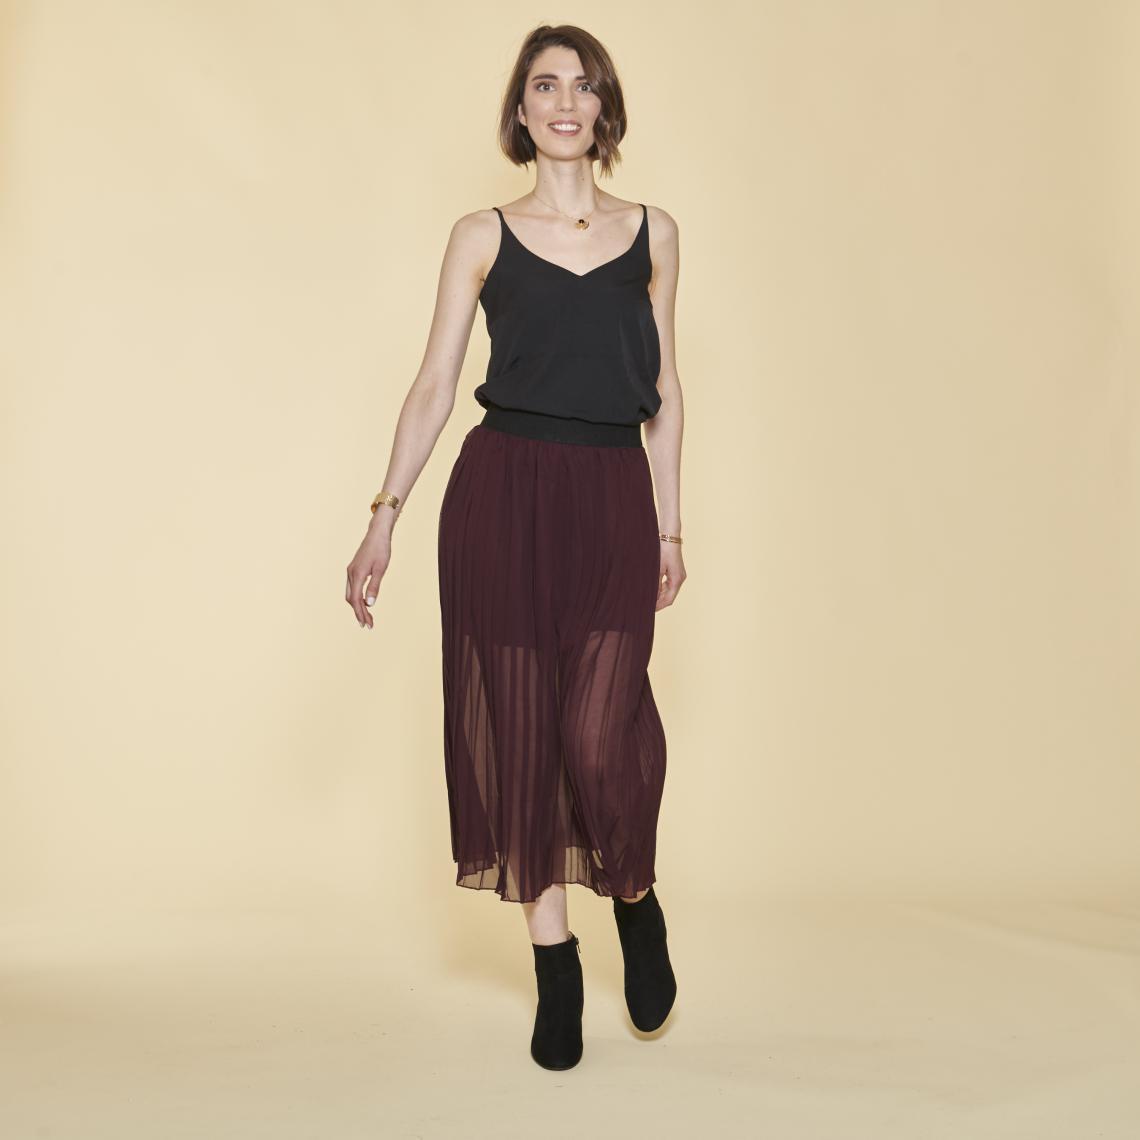 Jupe longue plissée taille élastique femme Lie De Vin 10 Avis